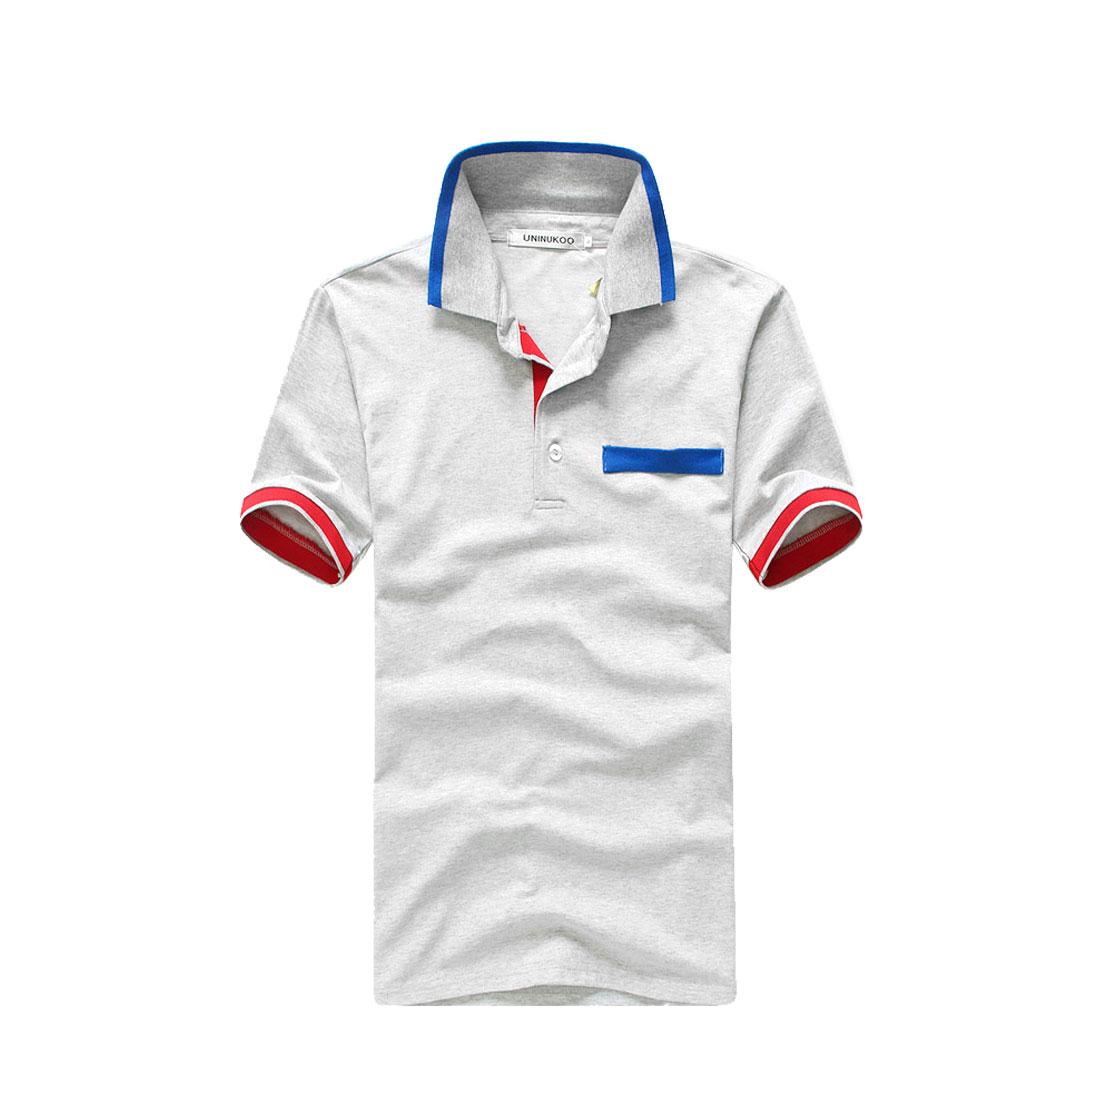 Men Pullover Short Sleeve Patchwork Cuffs Polo Shirt Light Gray M